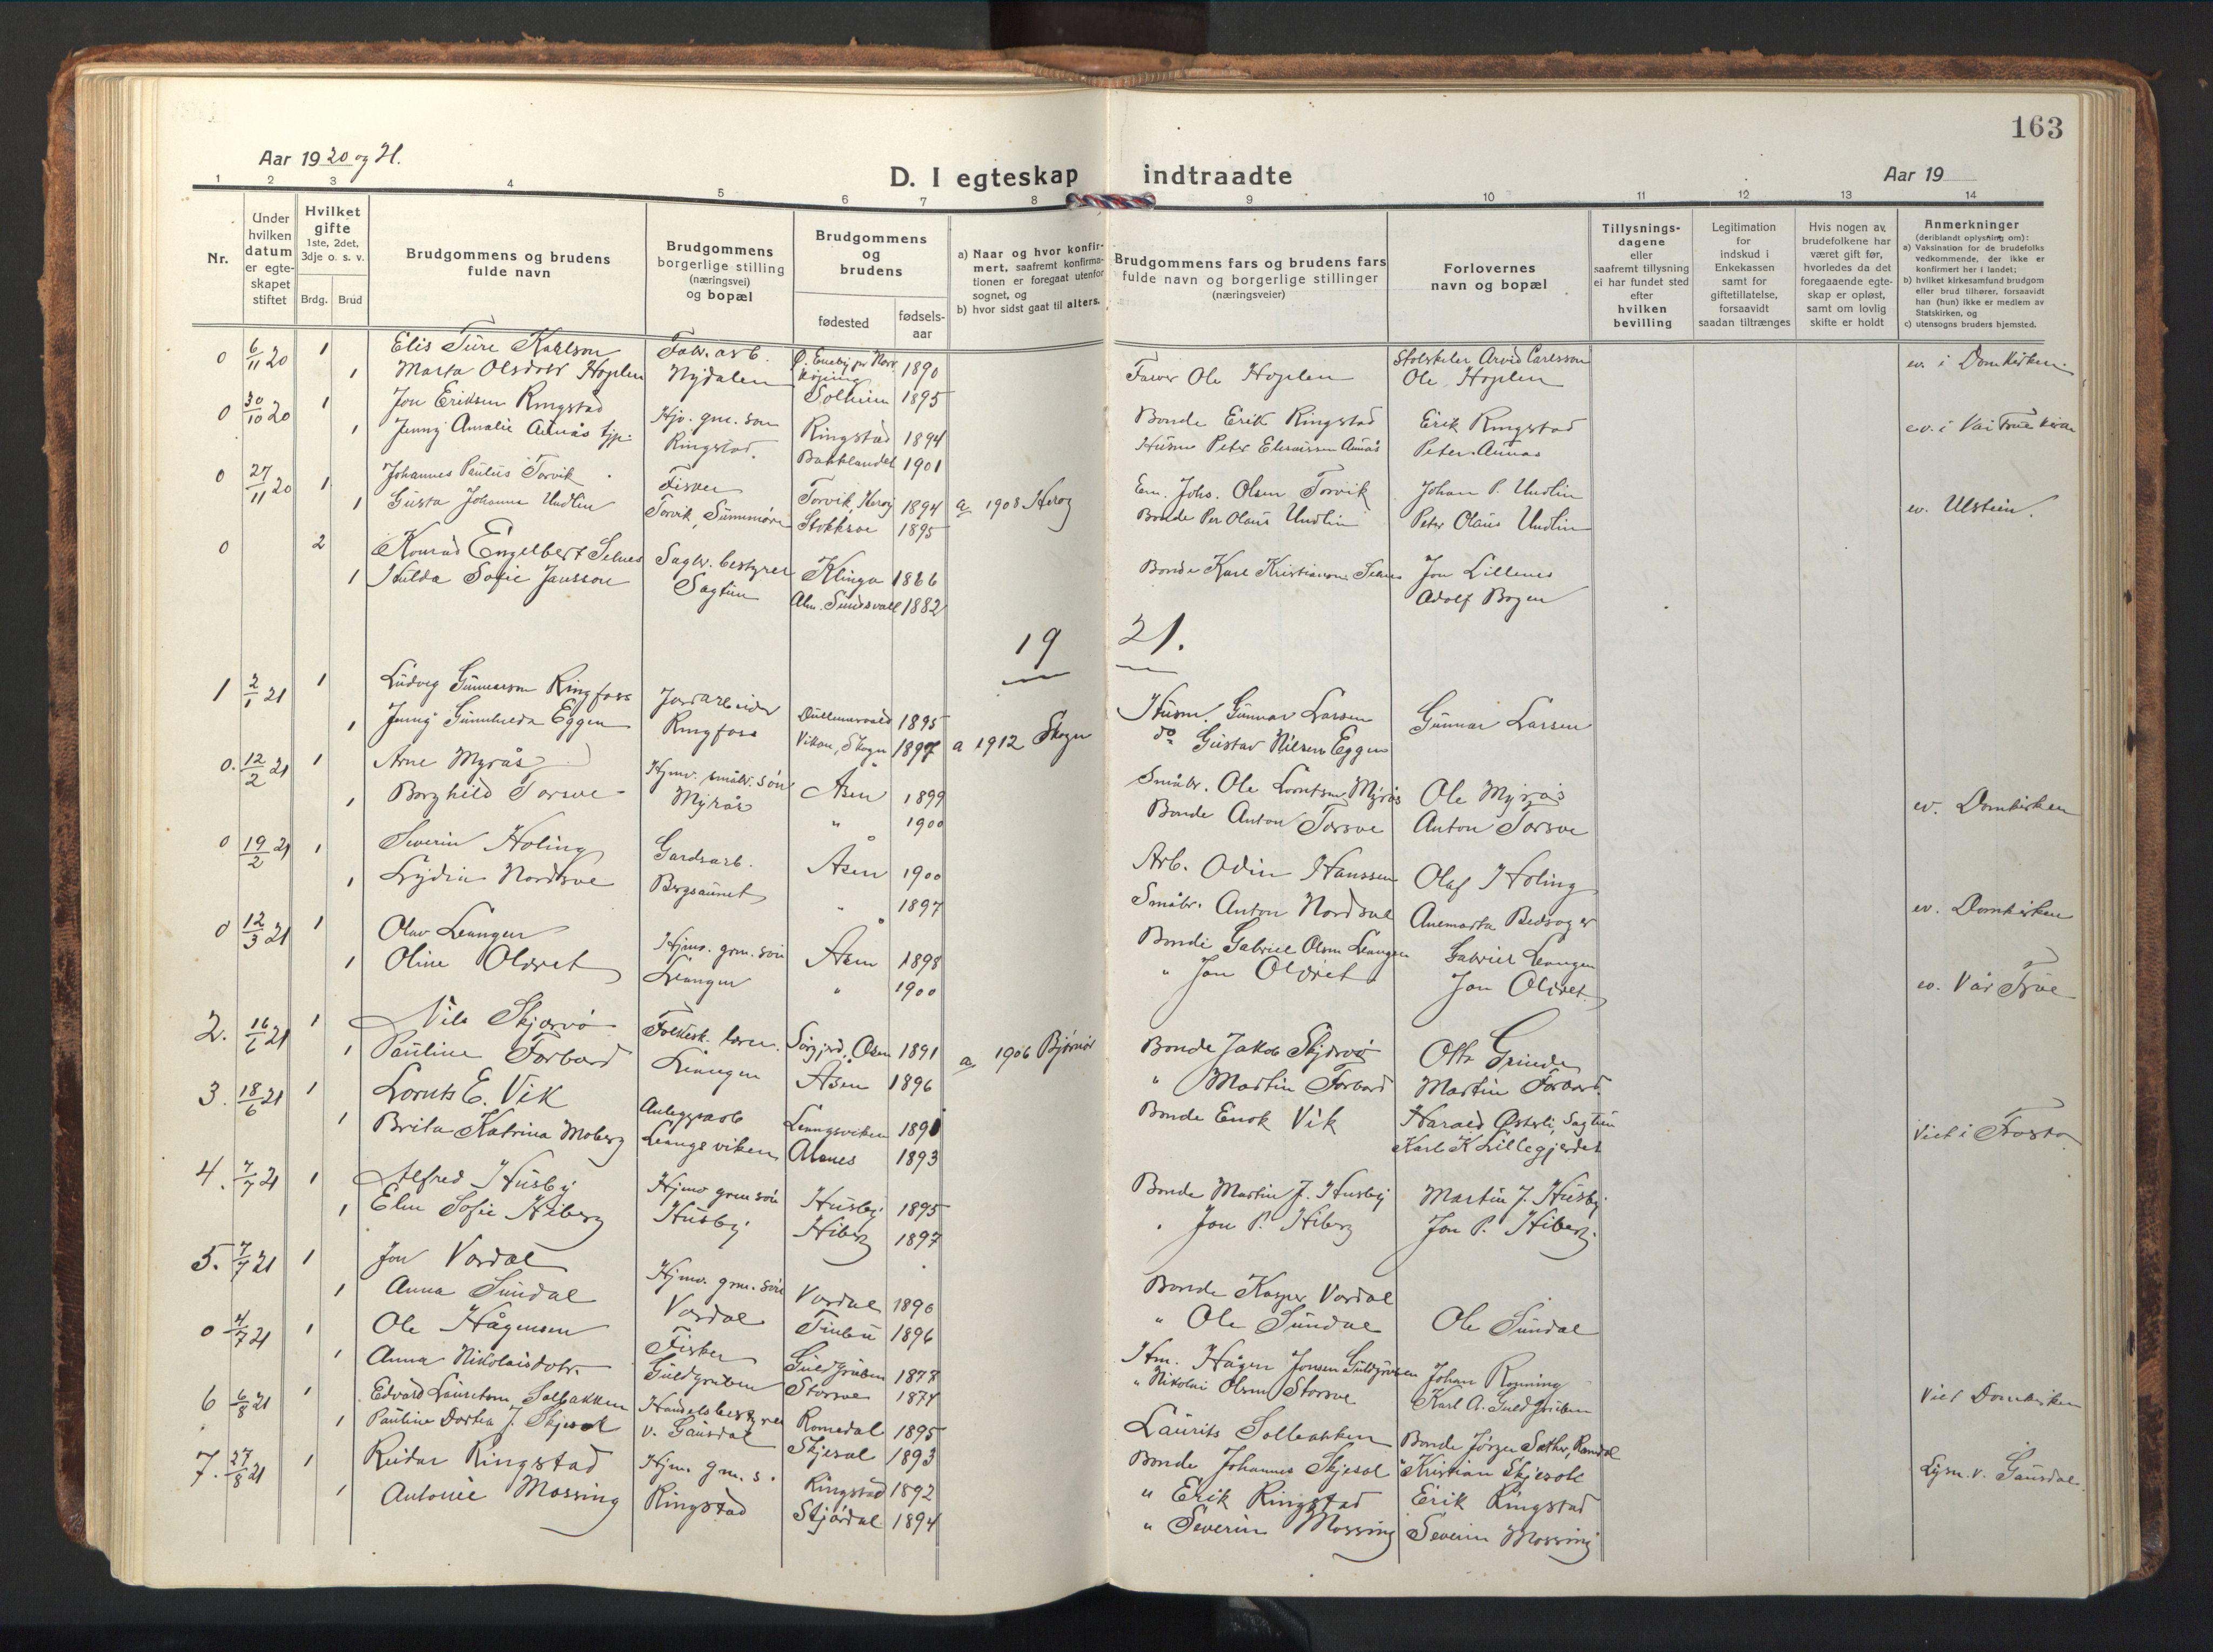 SAT, Ministerialprotokoller, klokkerbøker og fødselsregistre - Nord-Trøndelag, 714/L0136: Klokkerbok nr. 714C05, 1918-1957, s. 163